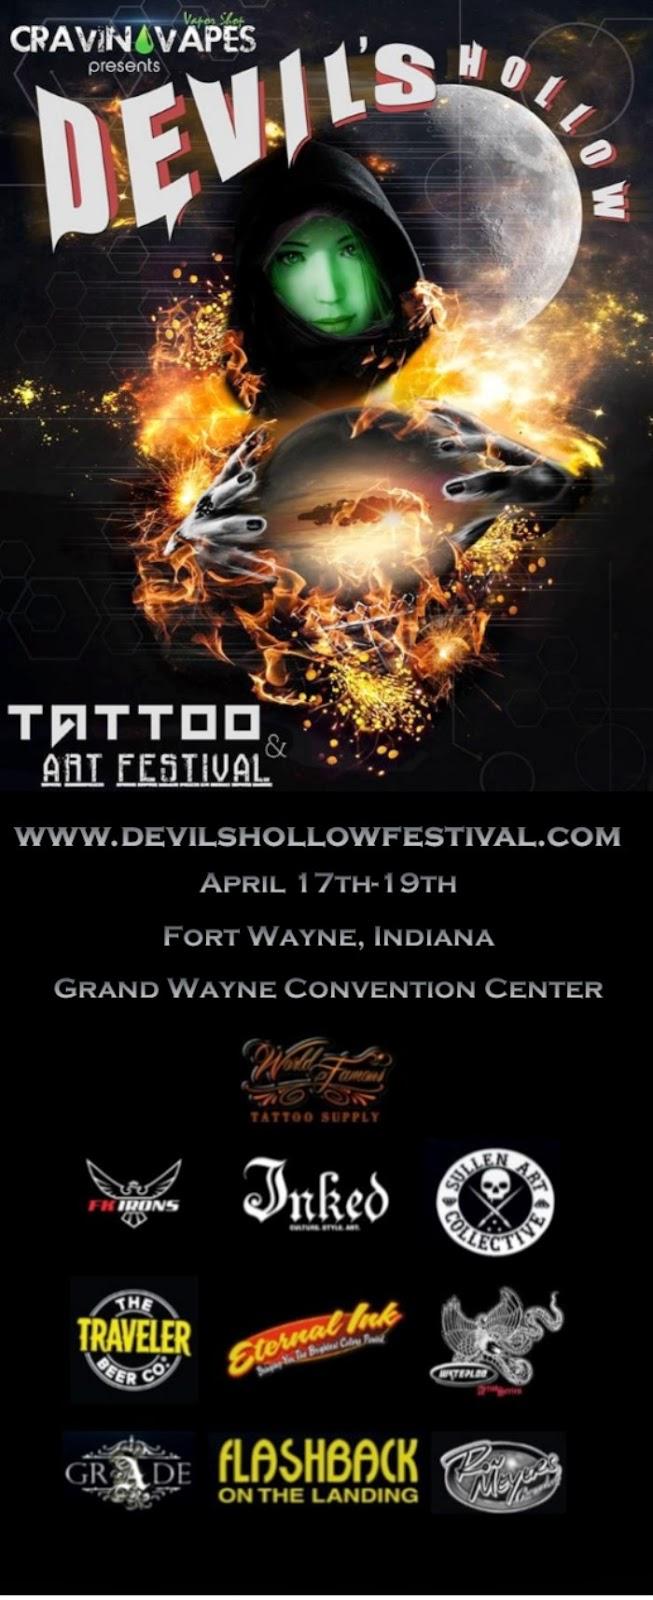 http://www.devilshollowfestival.com/